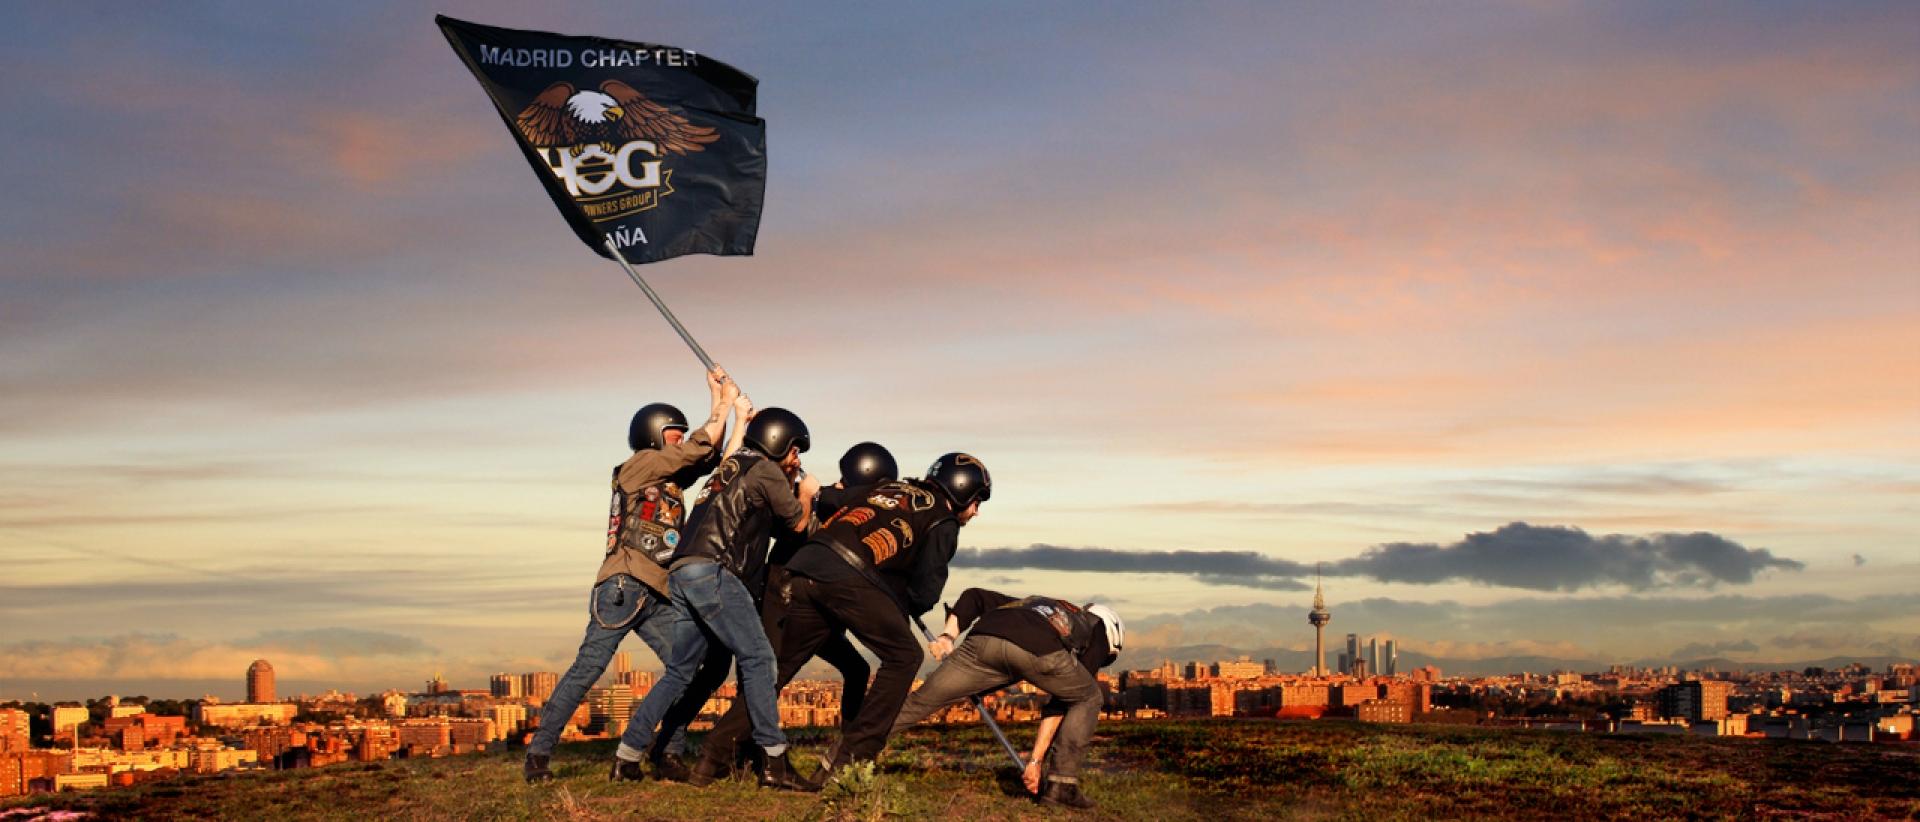 Socios levantando la bandera del Chapter estilo Iwo Jima